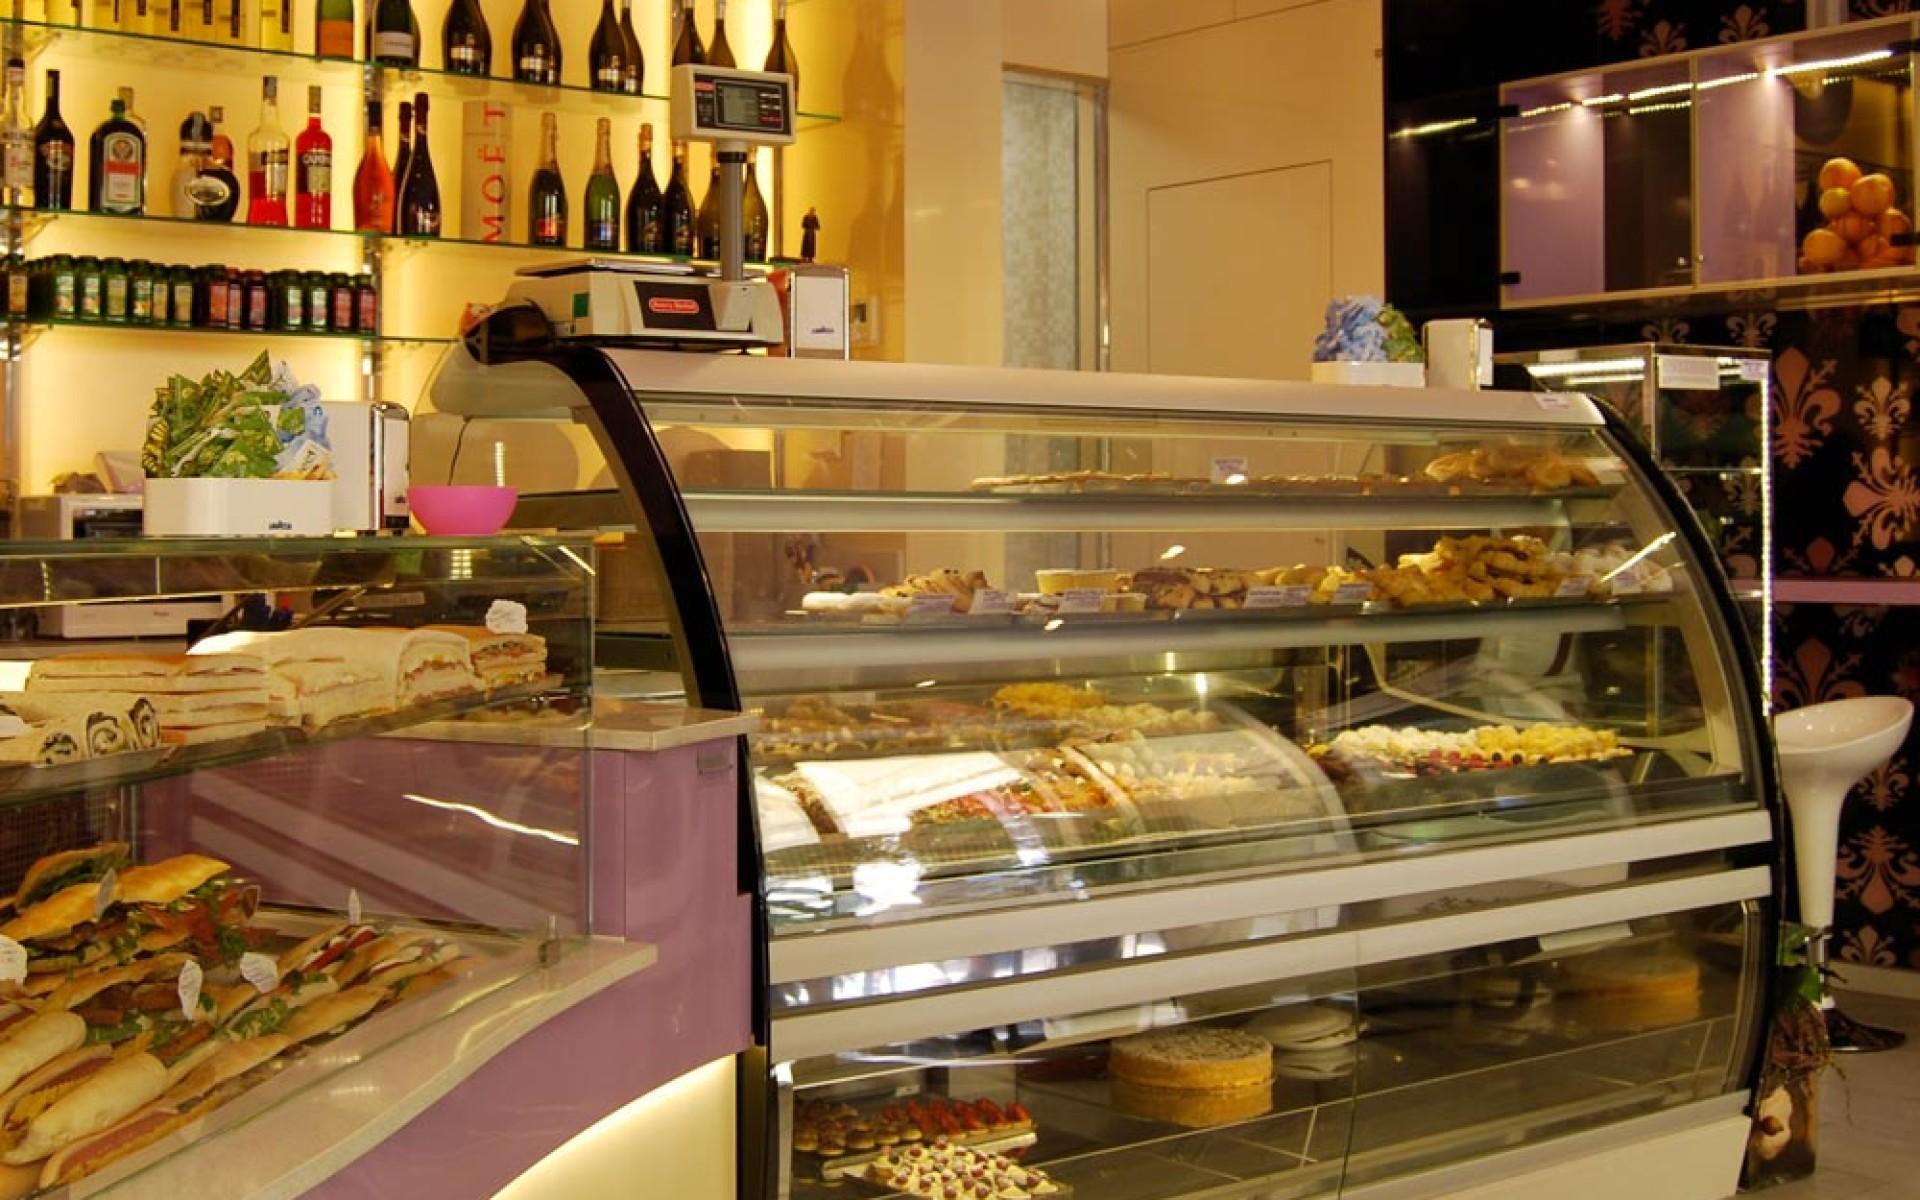 Nuova realizzazione arredamento bar pasticceria il giglio for Arredamento in roma